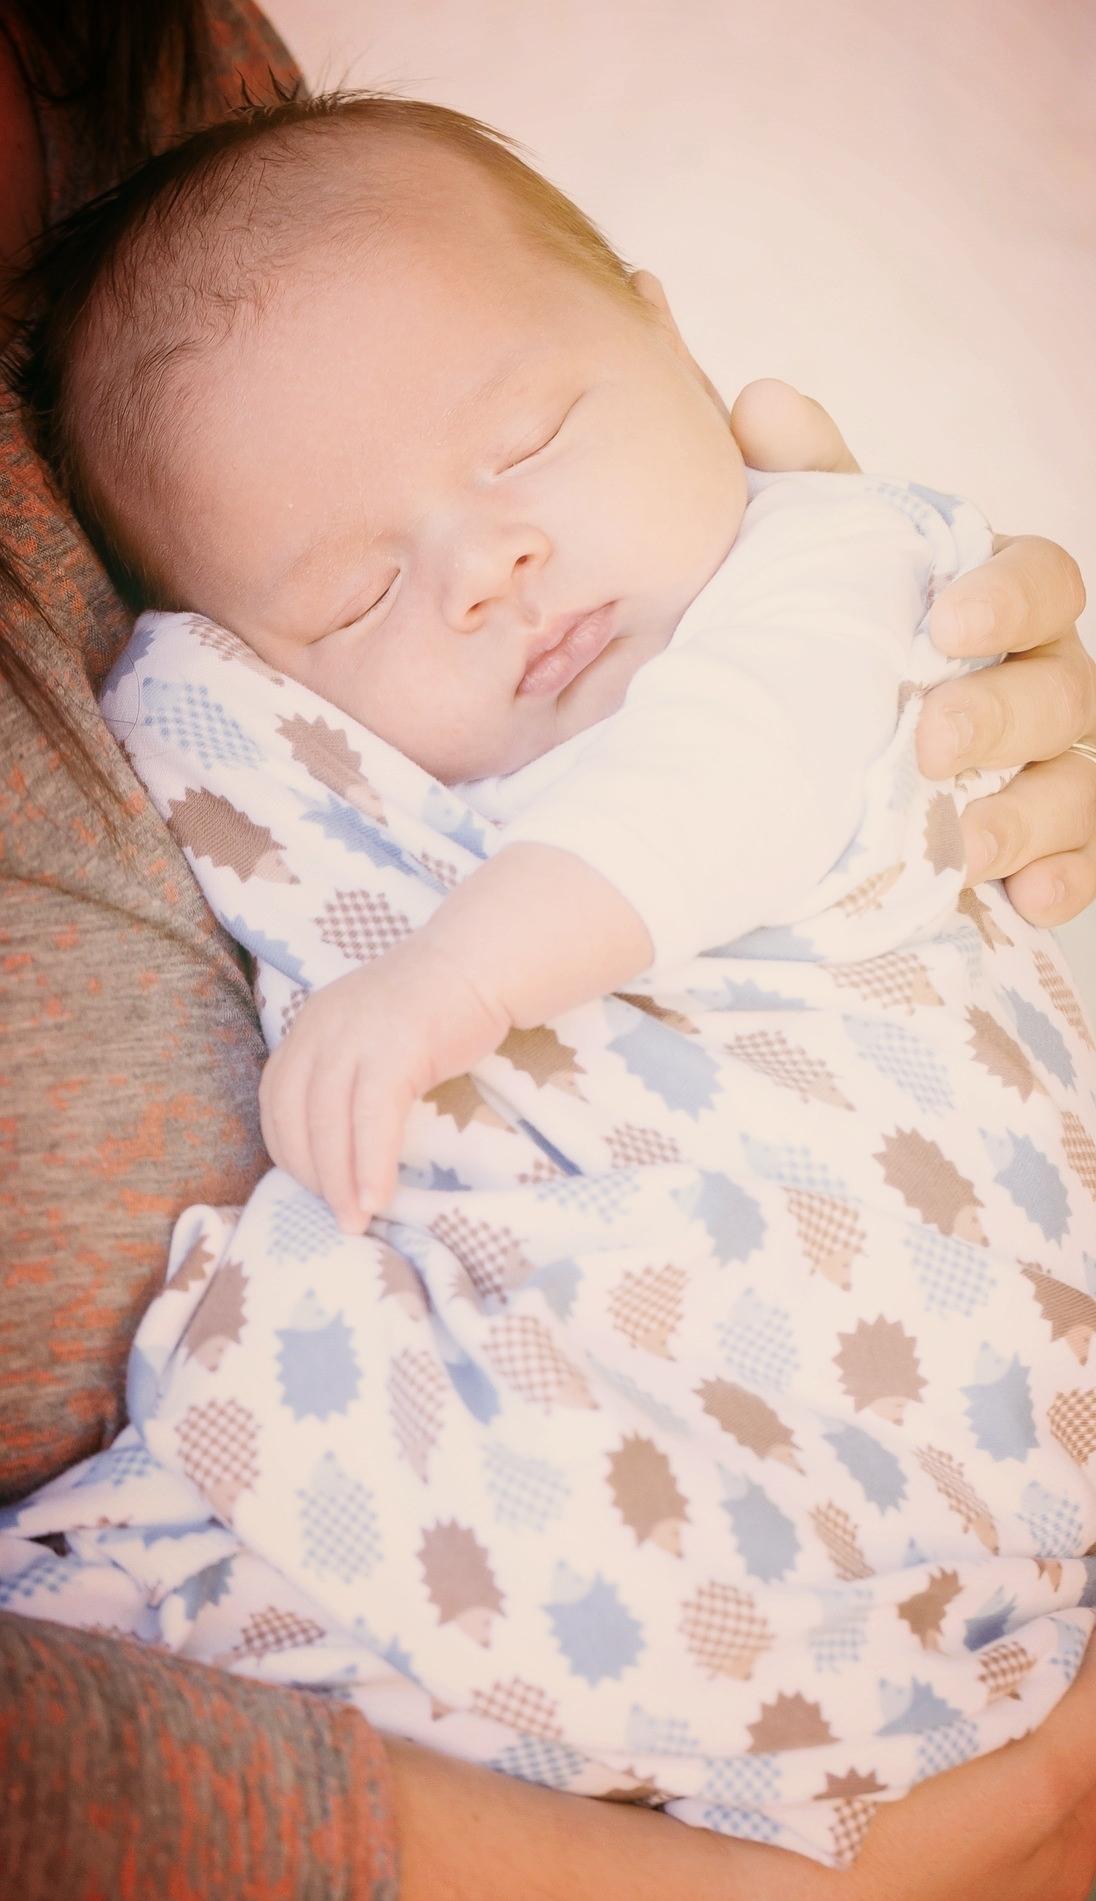 newborn-457233_1920.jpg